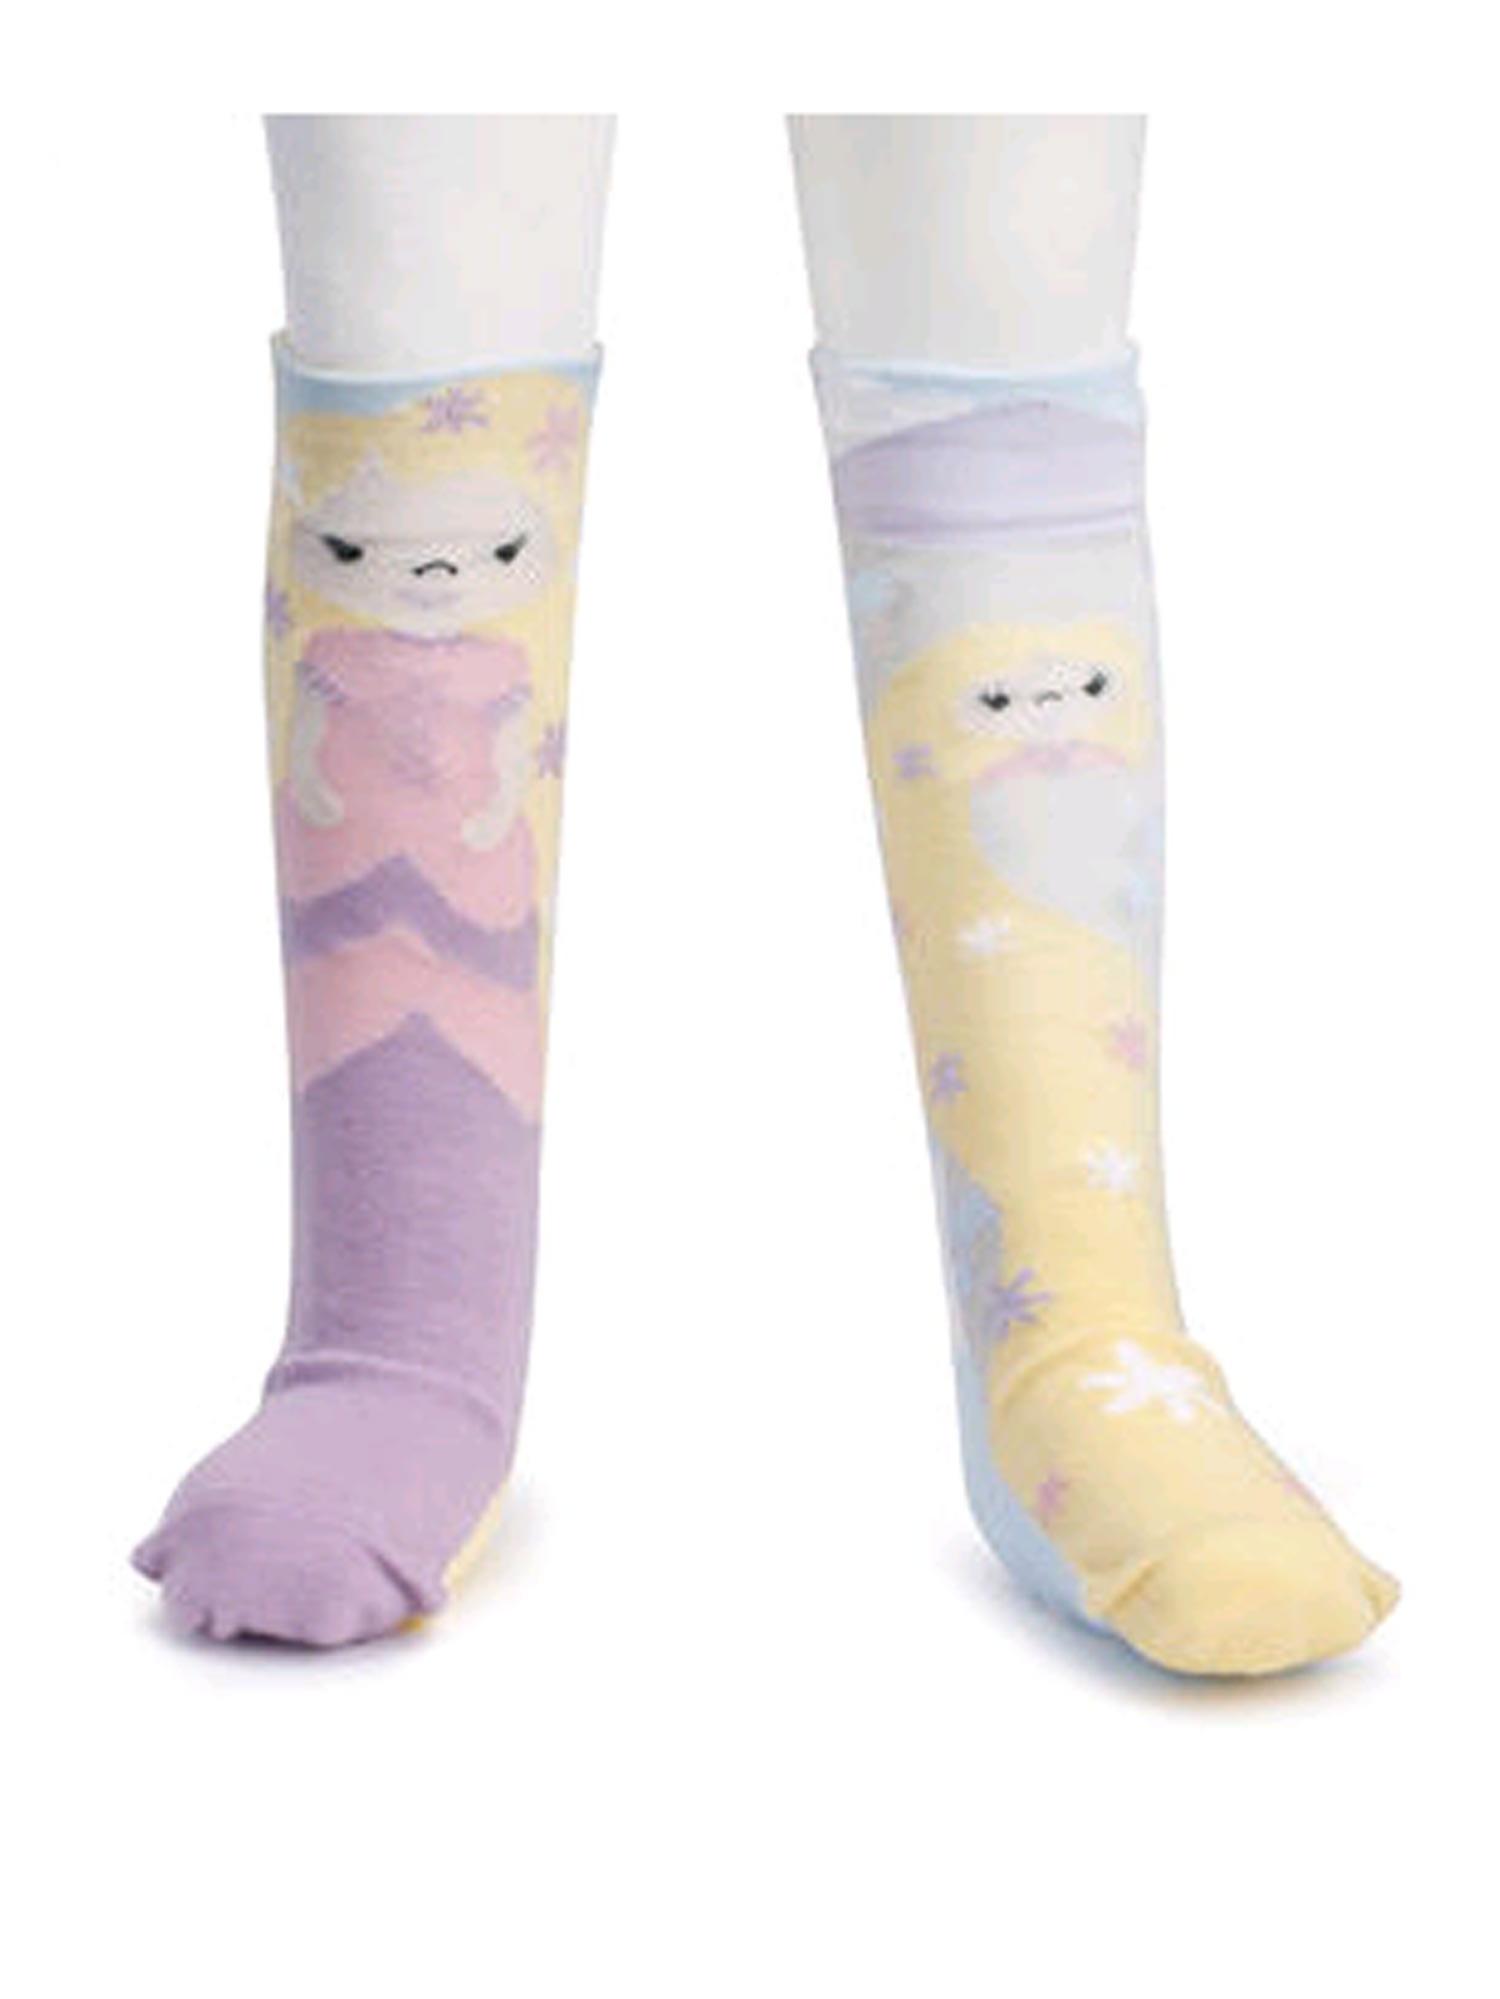 Novelty Socks RAPUNZEL KNEE STORY TIME SOCKS Toddler Non Skid Soles 5004700486